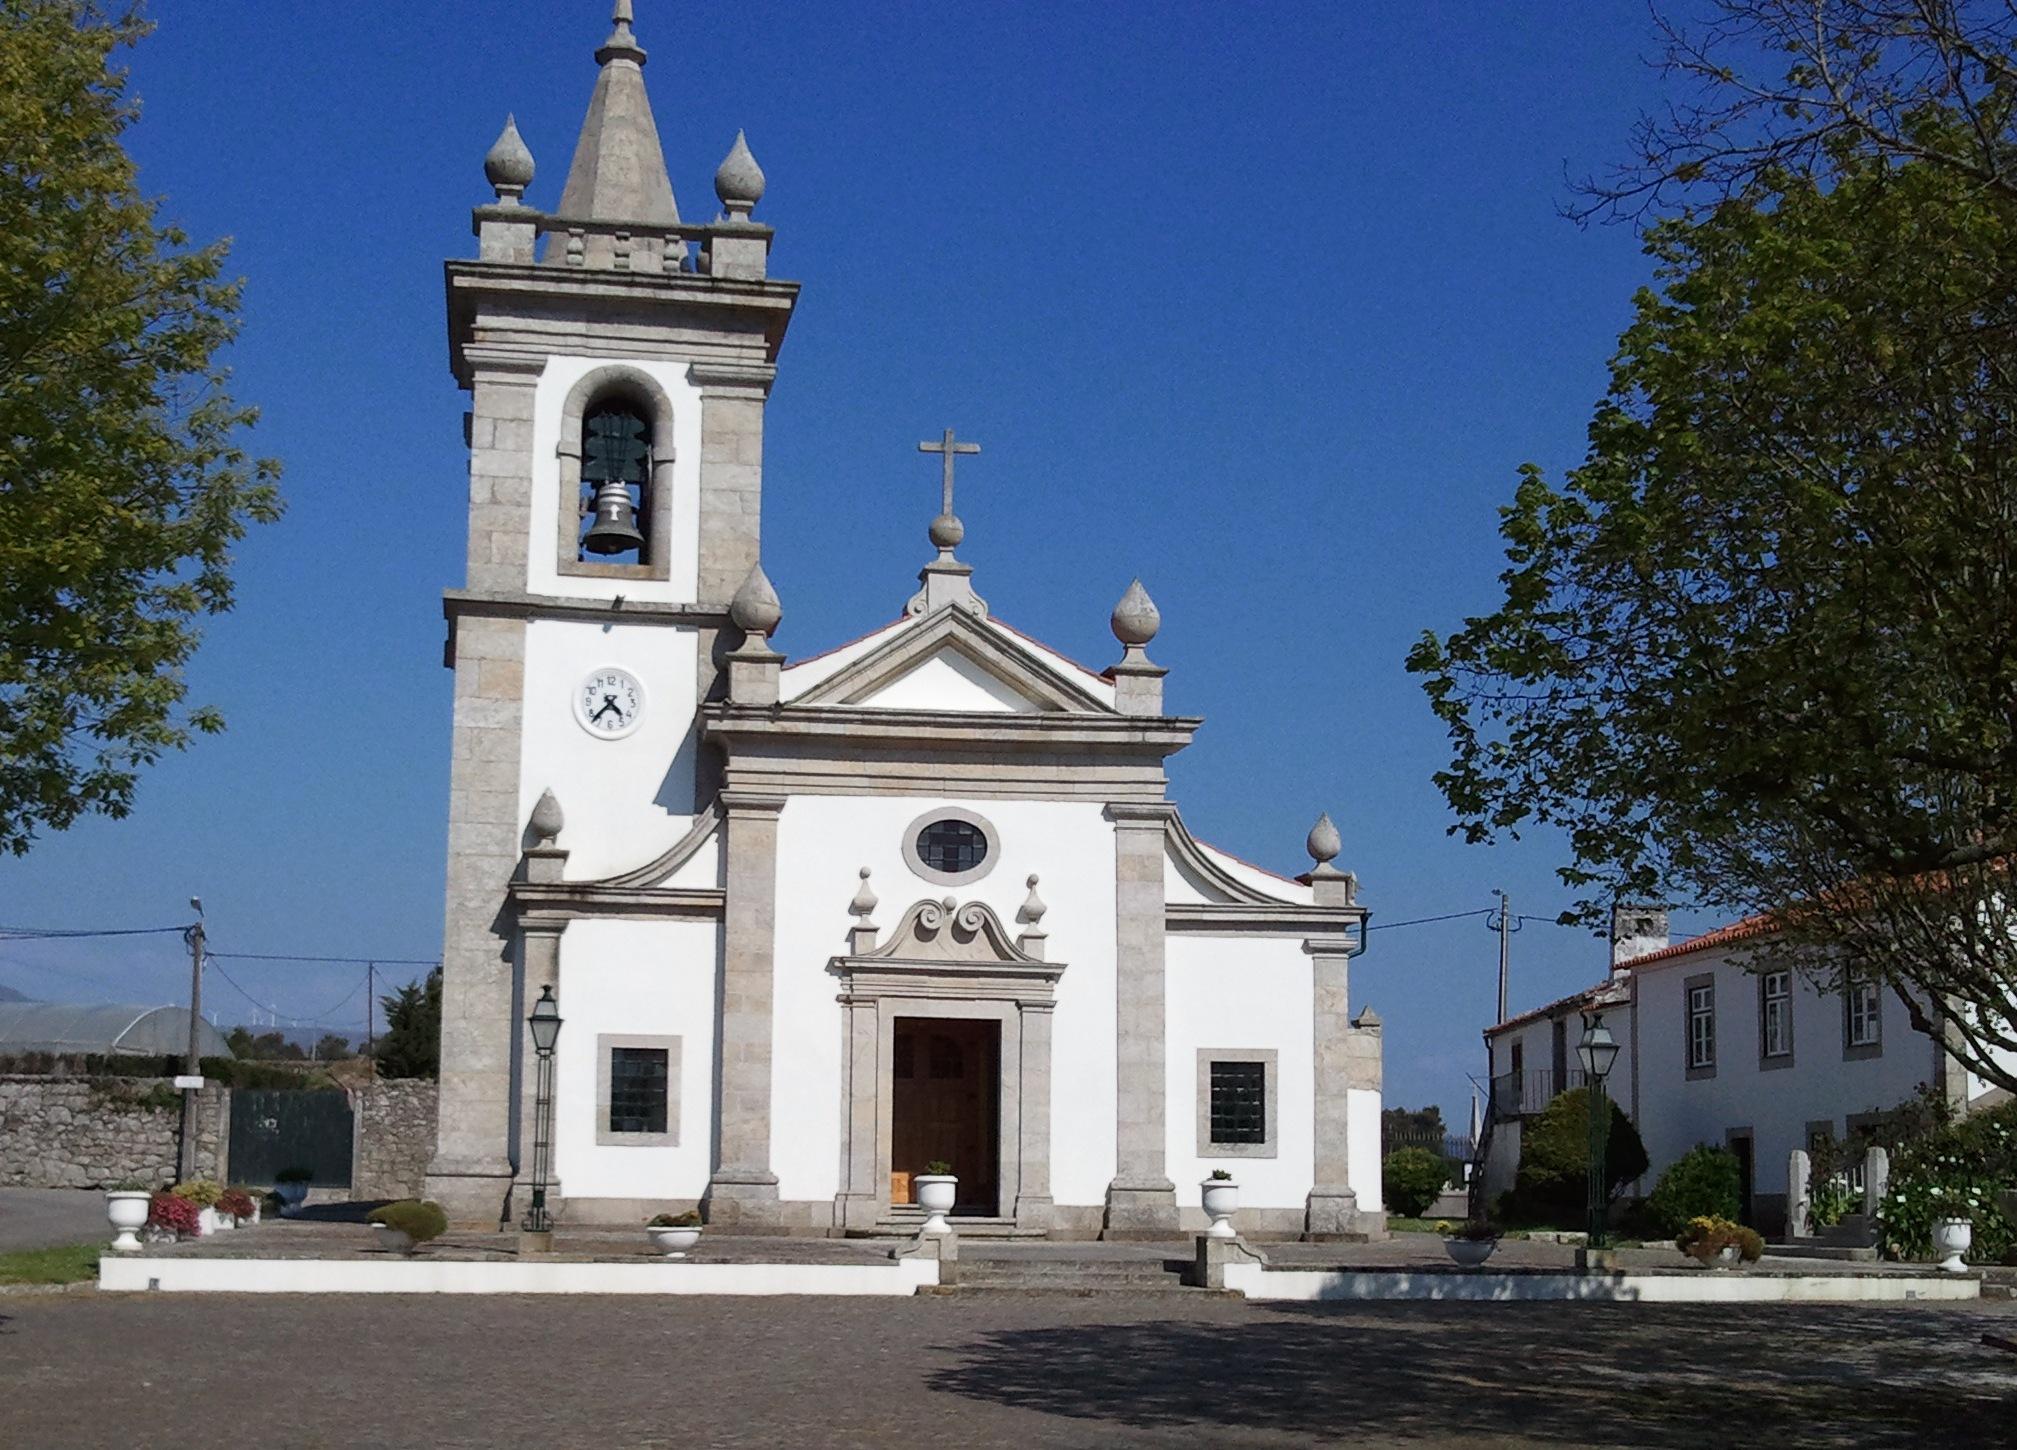 Cinco maestros e 60 músicos fazem viagem da música barroca à contemporânea em Vila Praia de Âncora